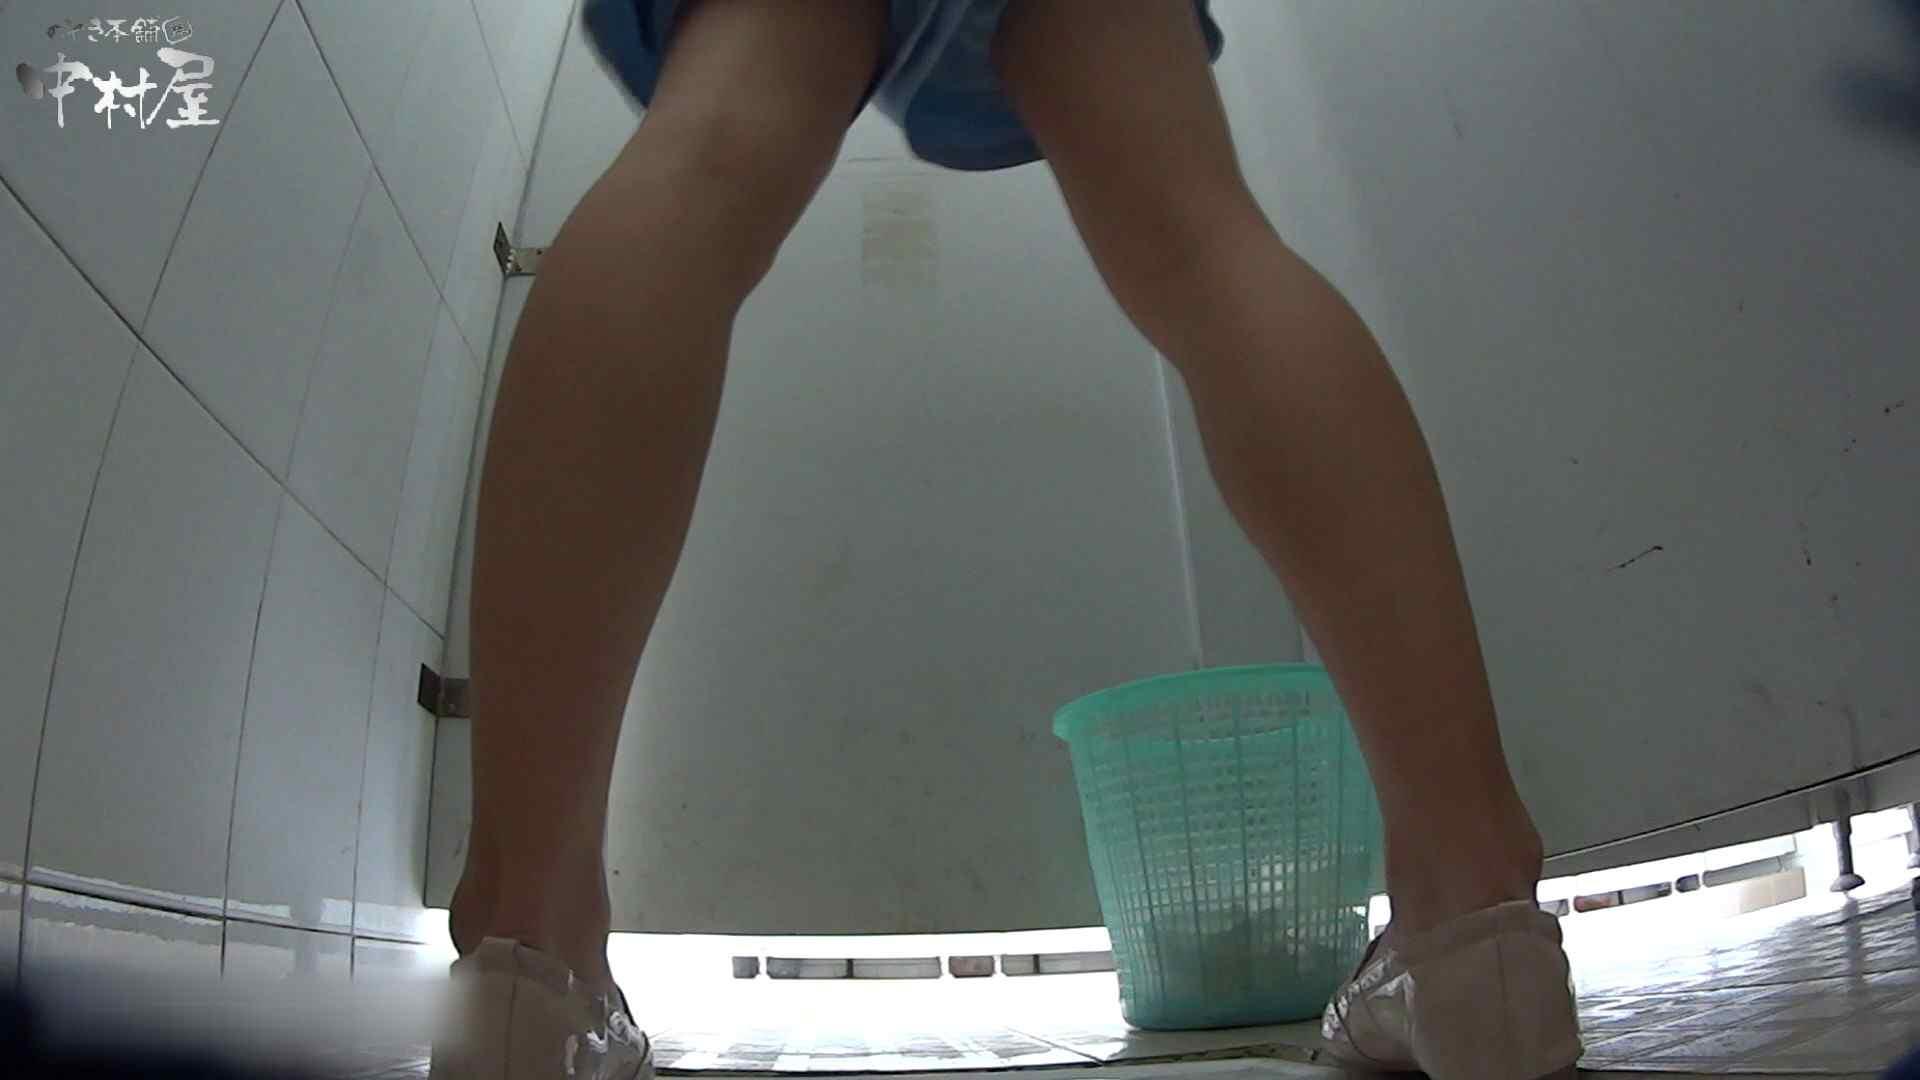 美しい女良たちのトイレ事情 有名大学休憩時間の洗面所事情06 トイレ 覗き性交動画流出 110画像 5